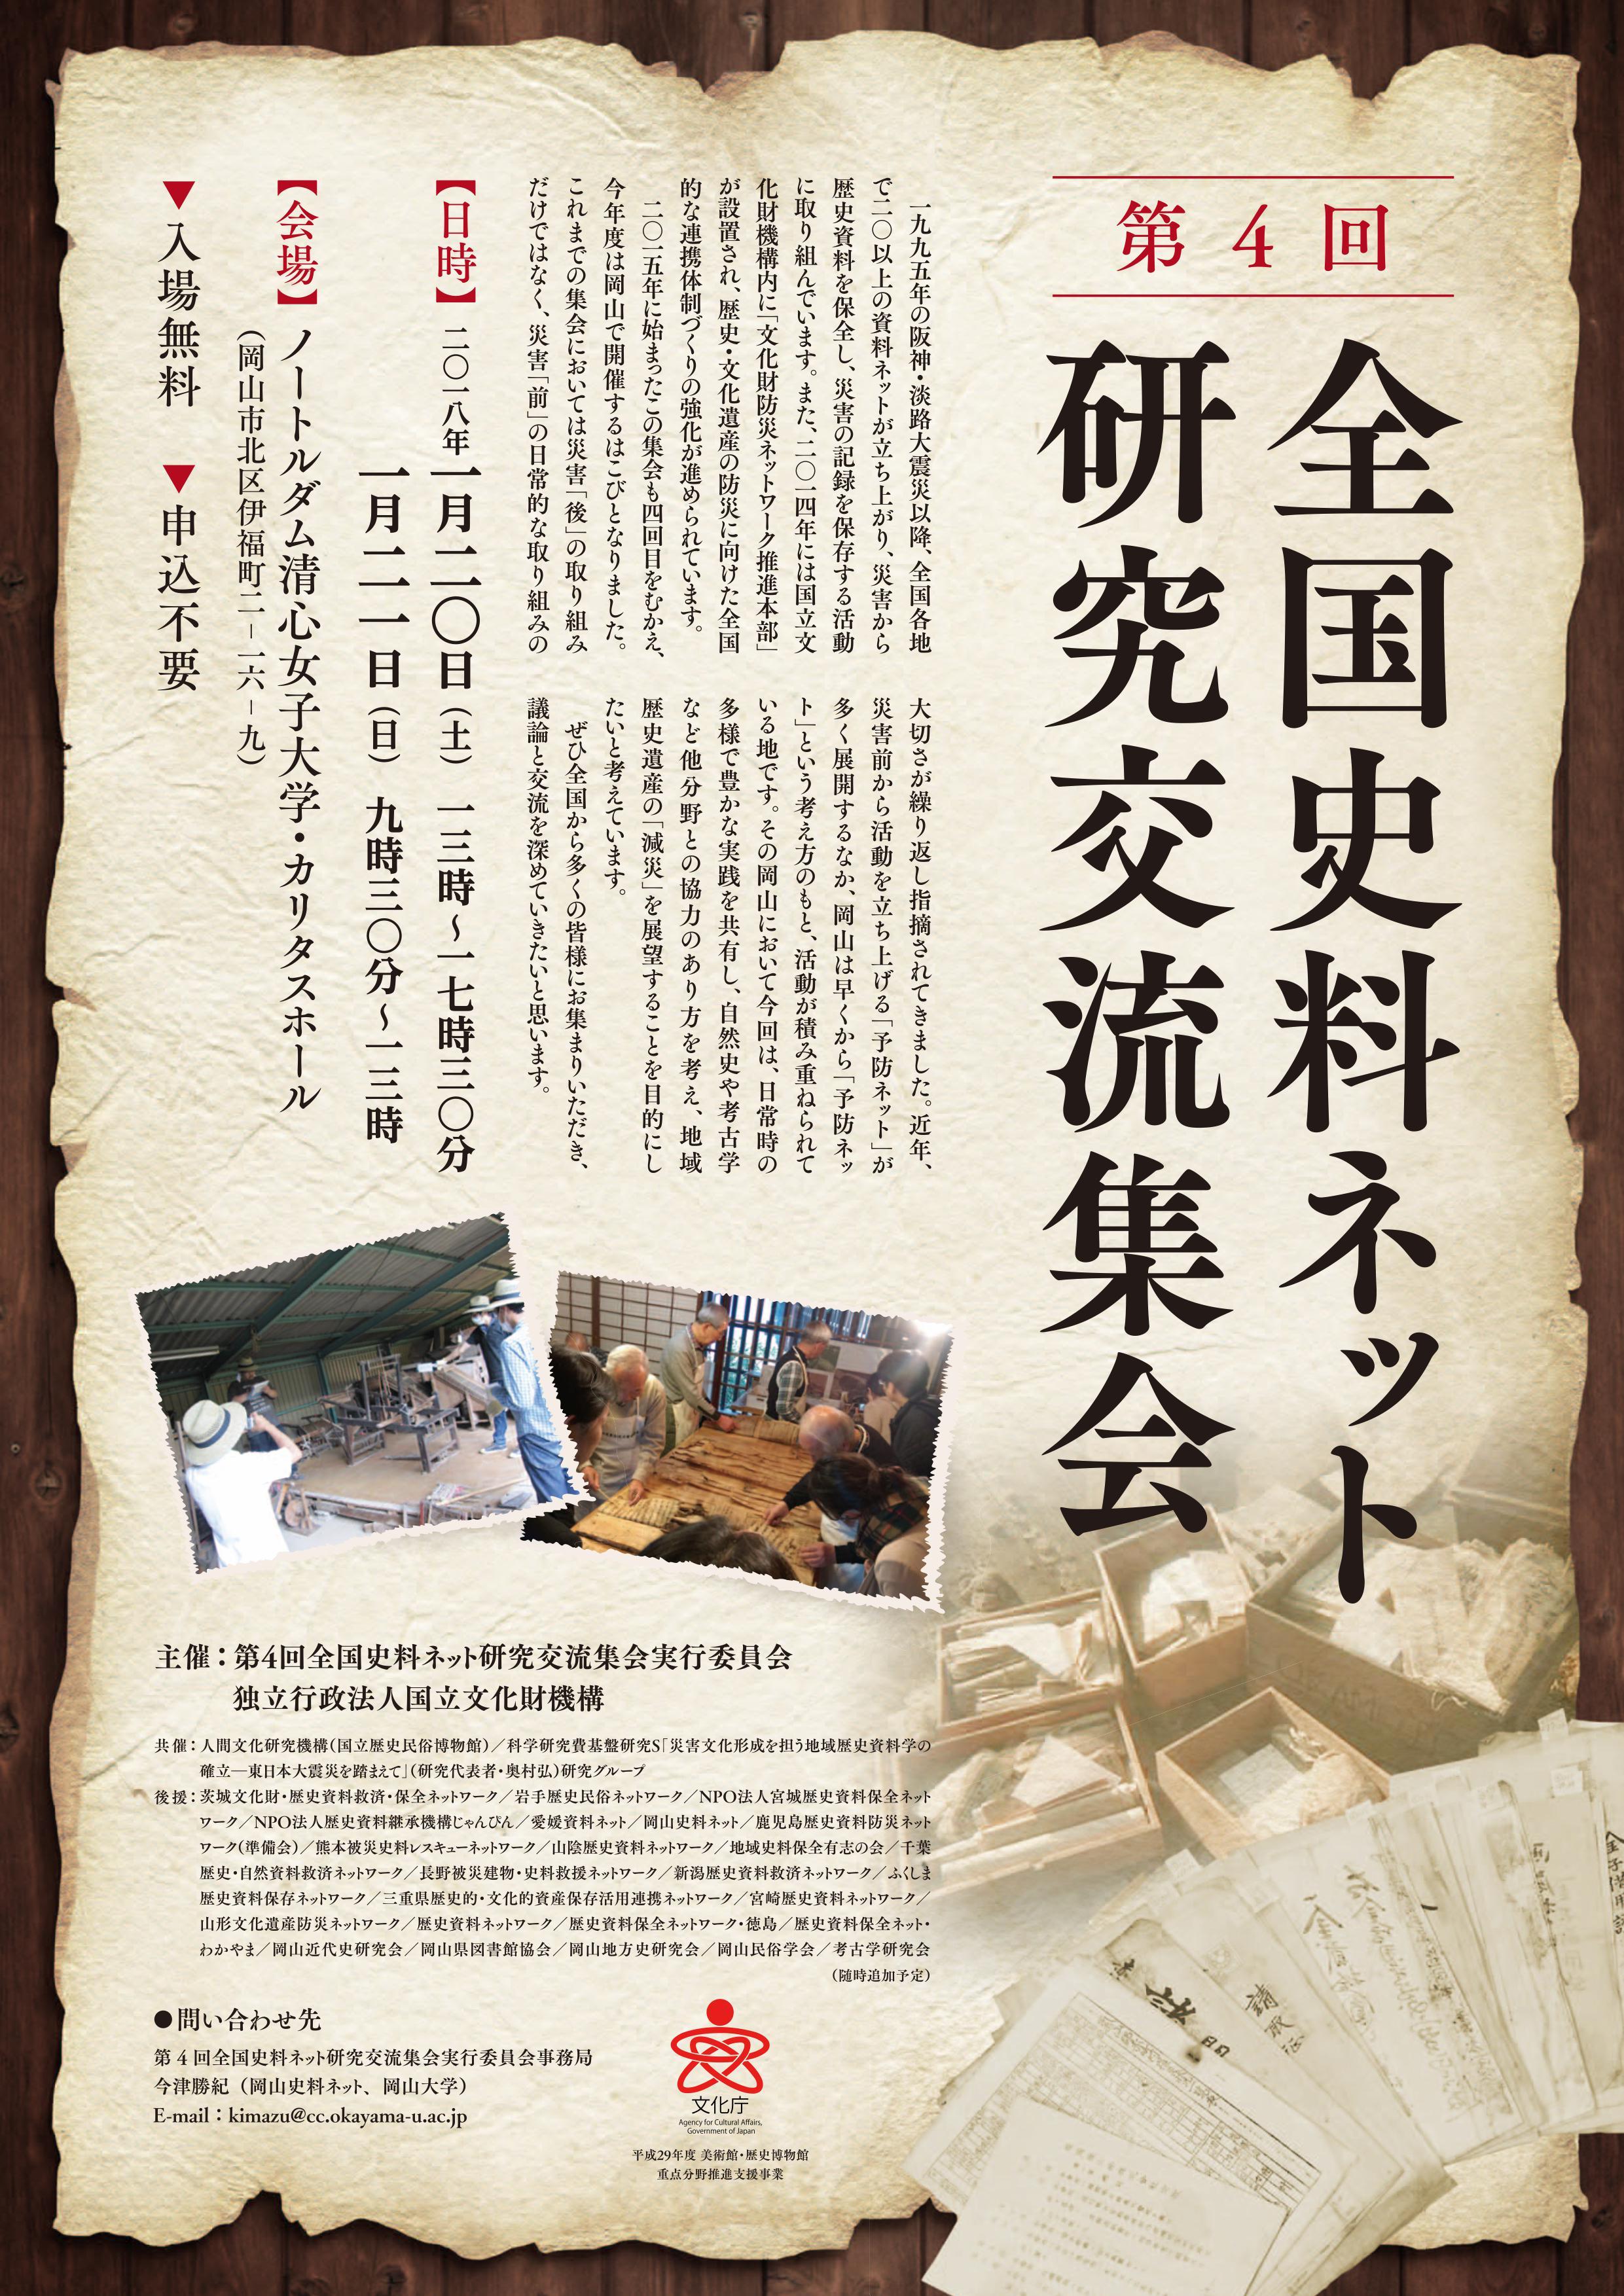 第4回全国史料ネット研究交流集会チラシ(表)